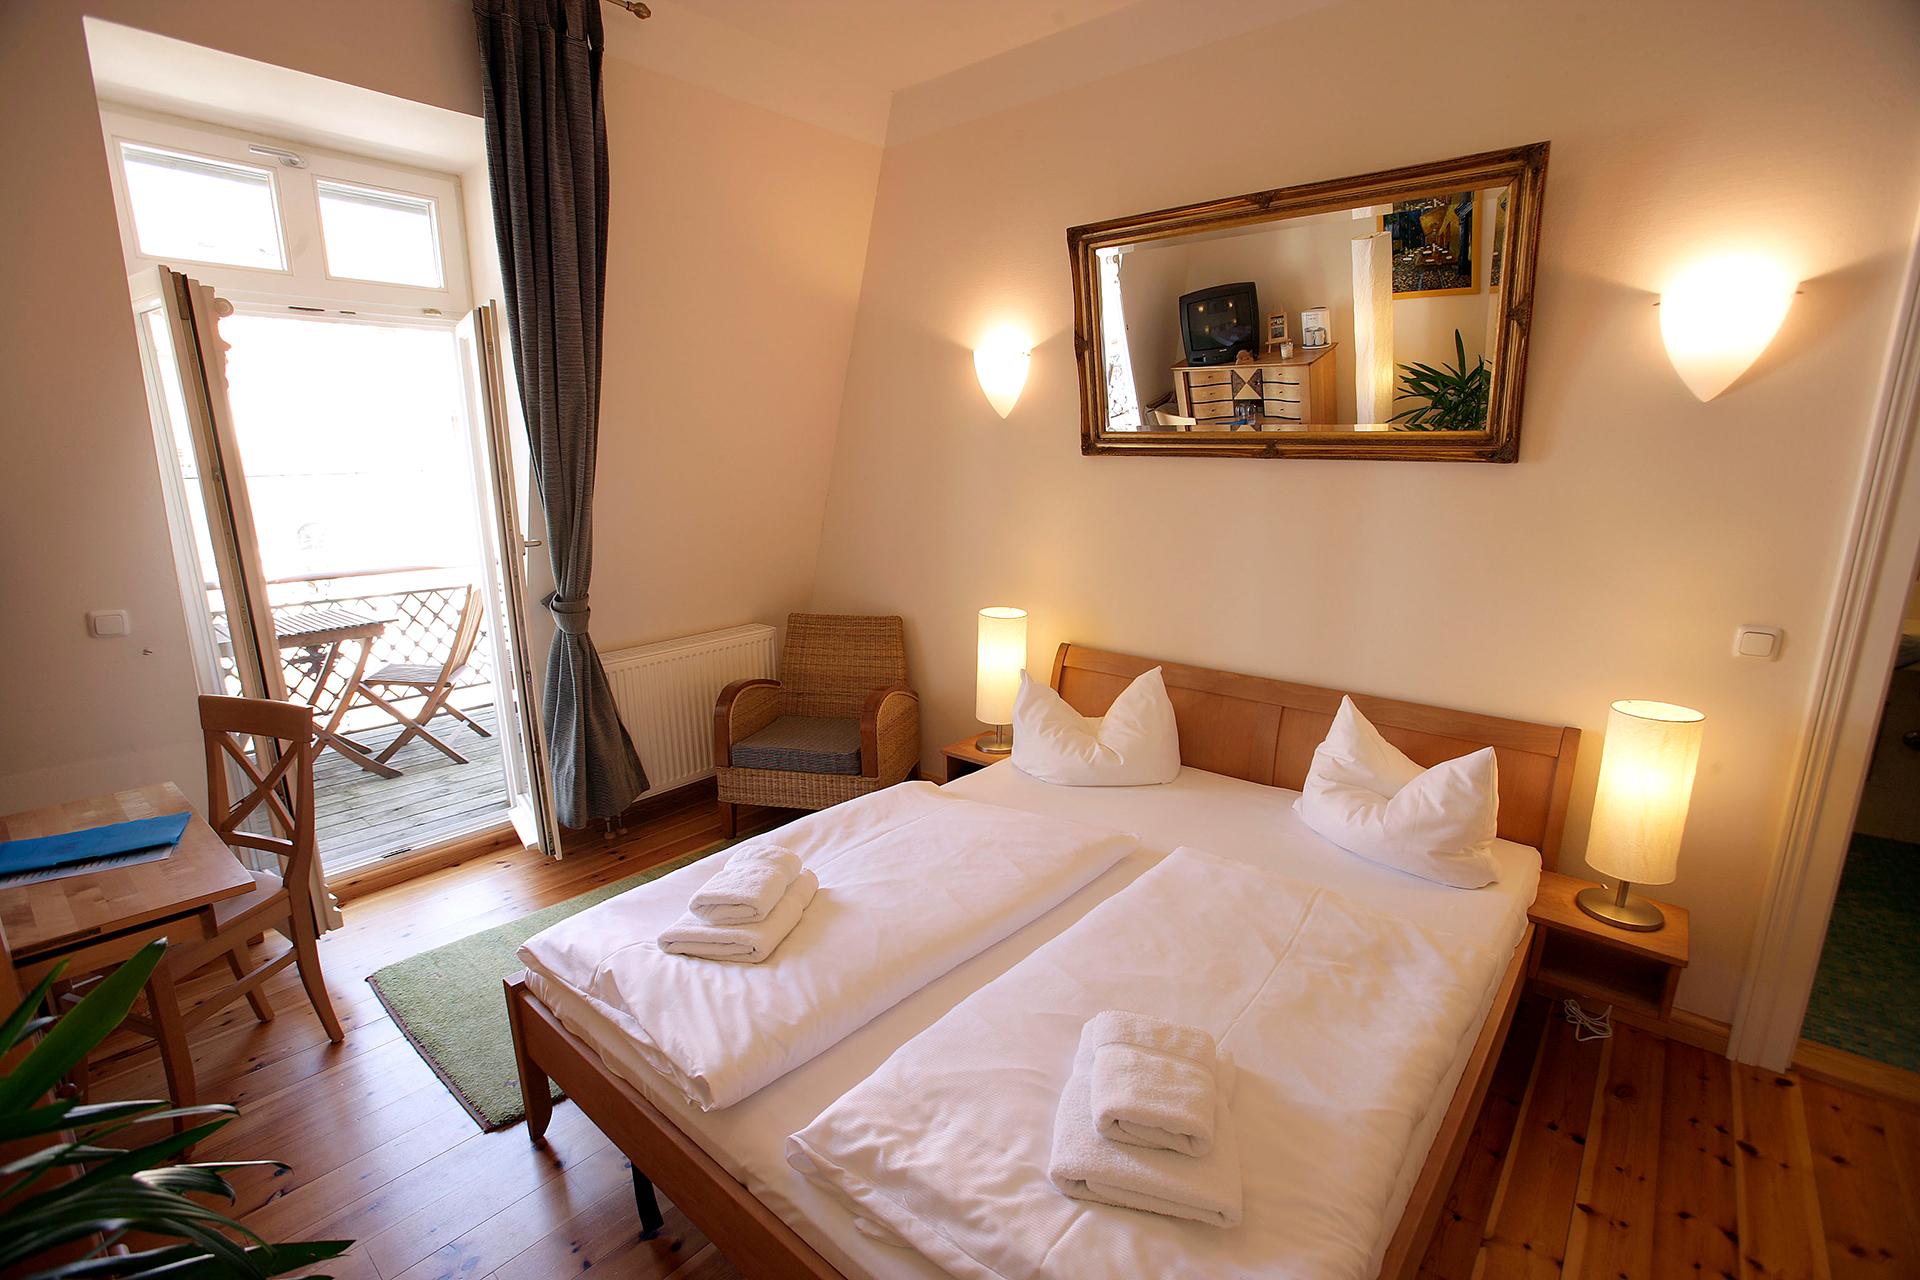 doppelzimmer no 36 villa glaeser ferienwohnungen bansin. Black Bedroom Furniture Sets. Home Design Ideas